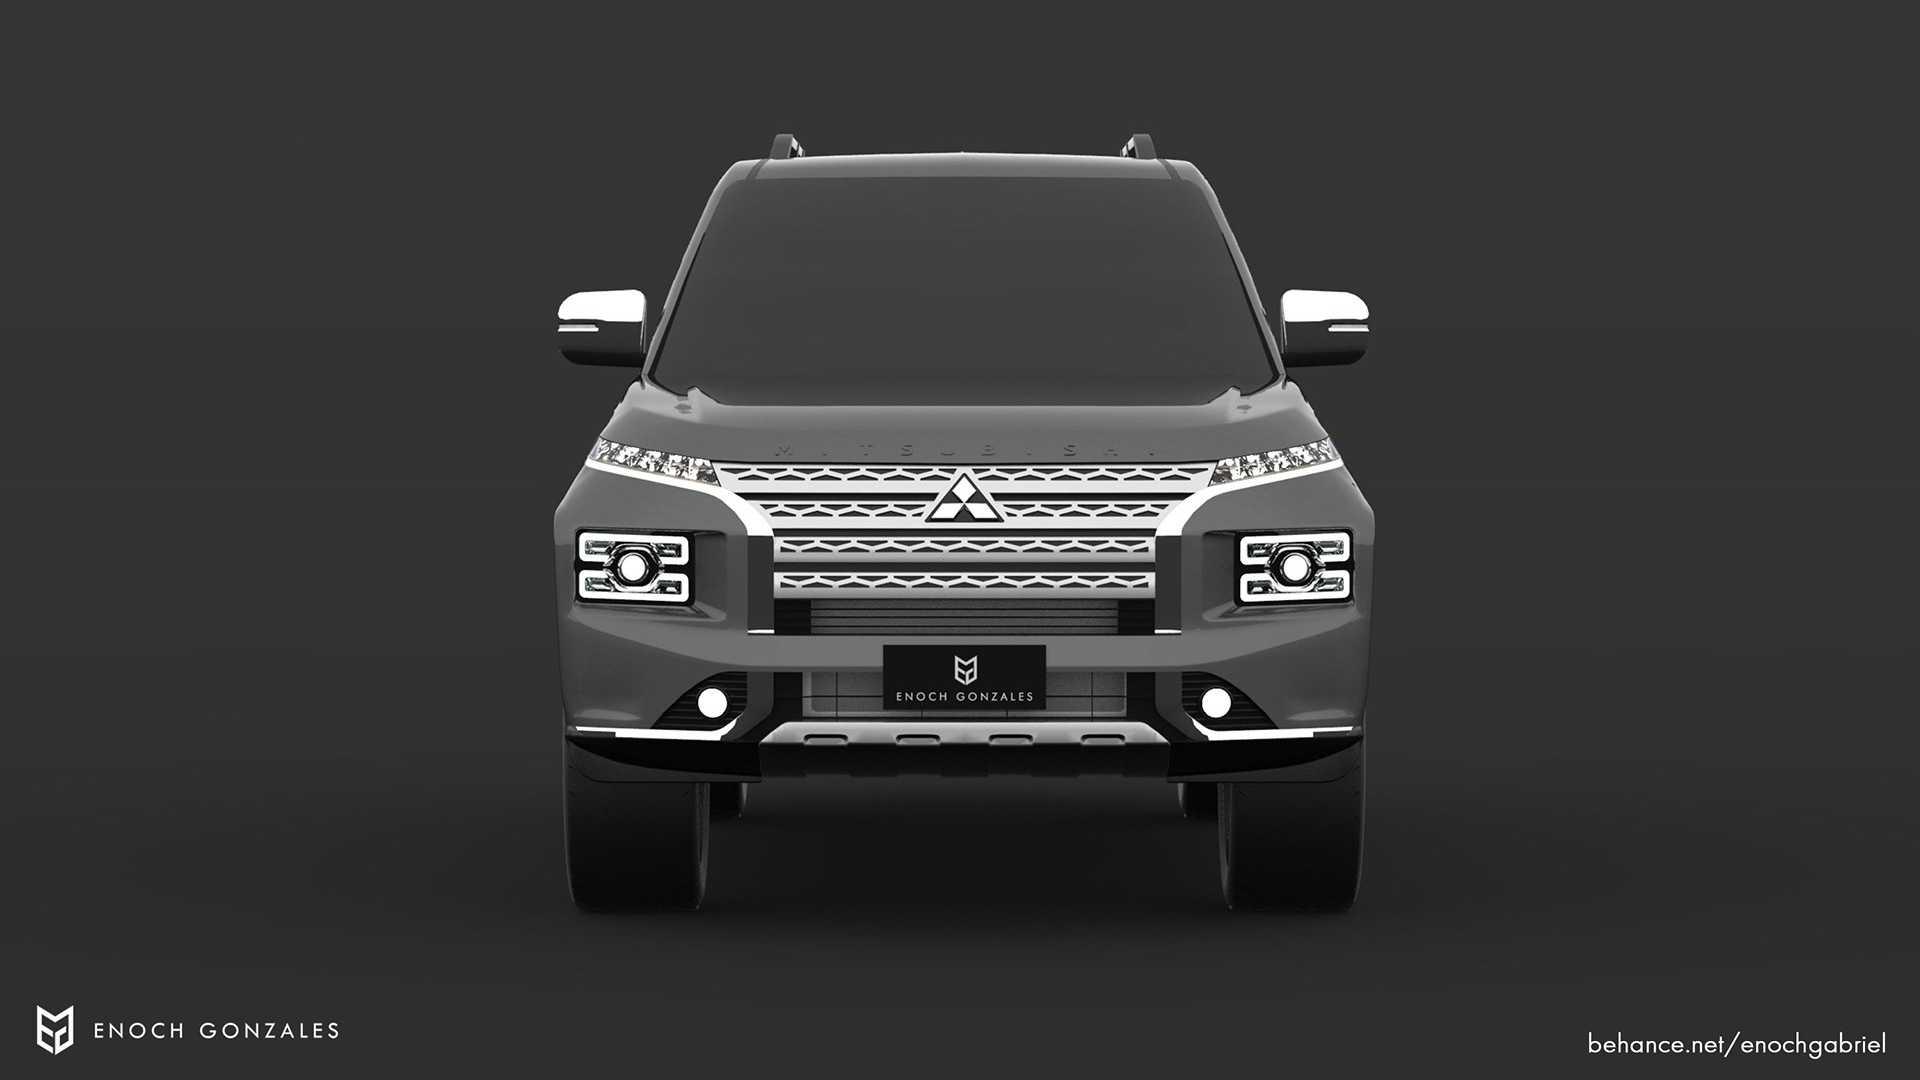 Mitsubishi Pajero phiên bản 2021 dưới thiết kế của Motor1